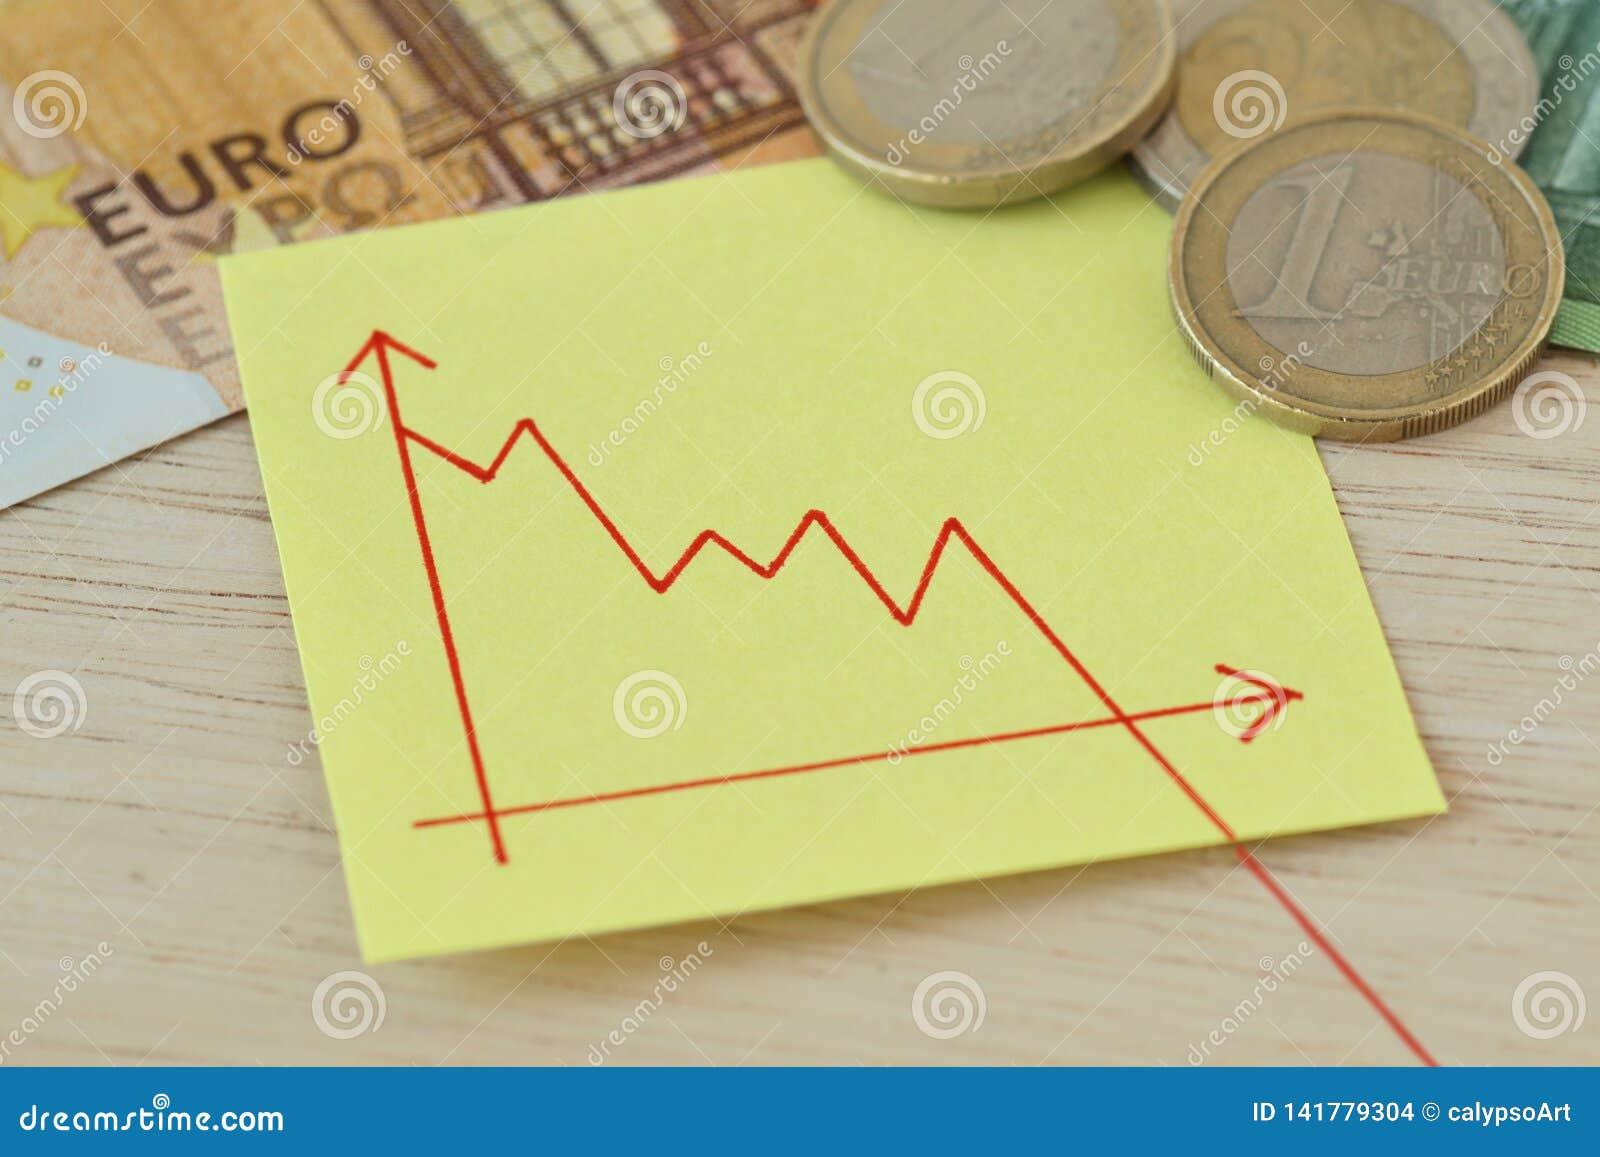 Gráfico con la línea descendente en nota del papel, monedas euro y billetes de banco - concepto de valor perdido del dinero